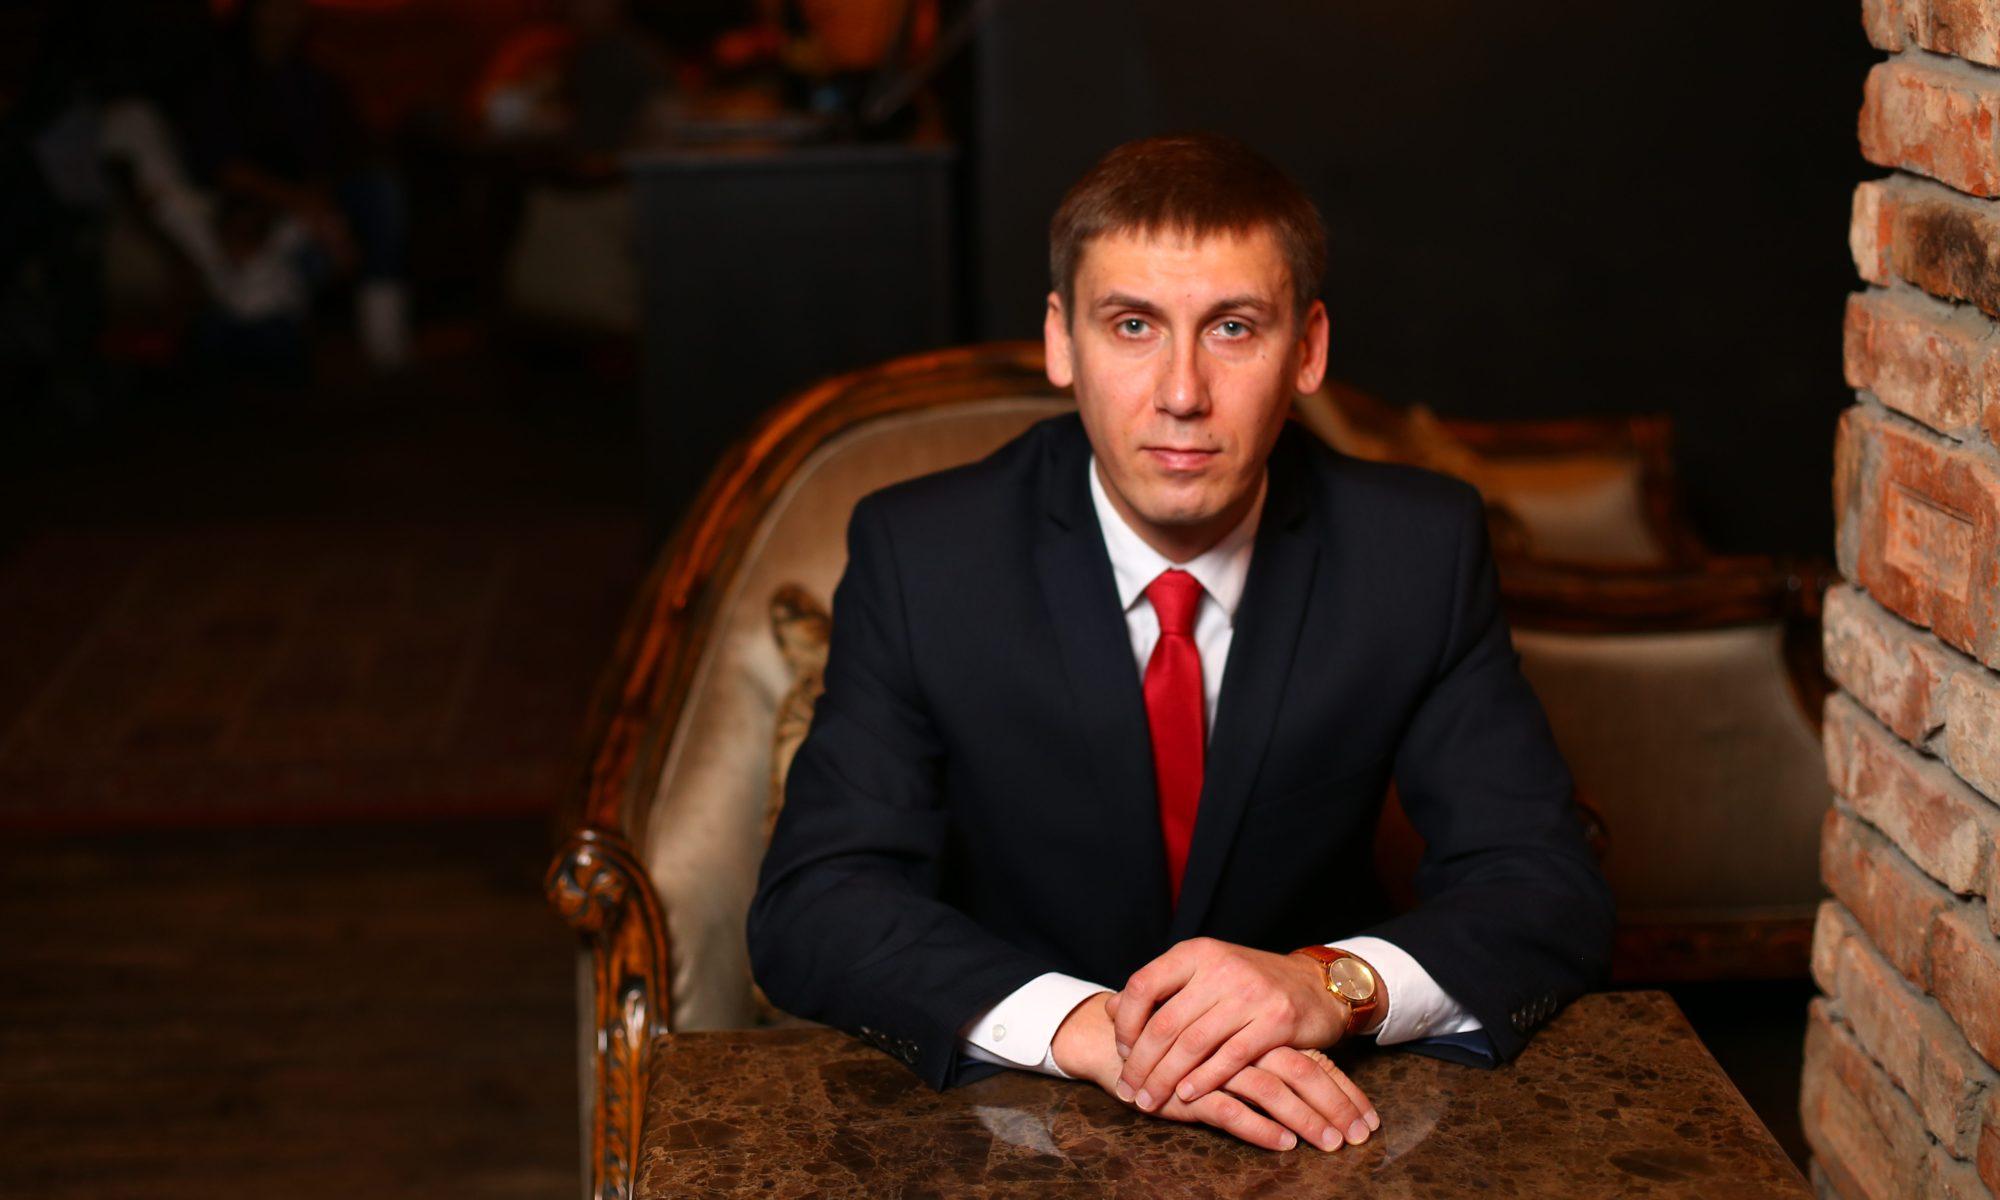 Адвокат  в Калуге по гражданским и уголовным делам Егиазаров Игорь Валерьевич